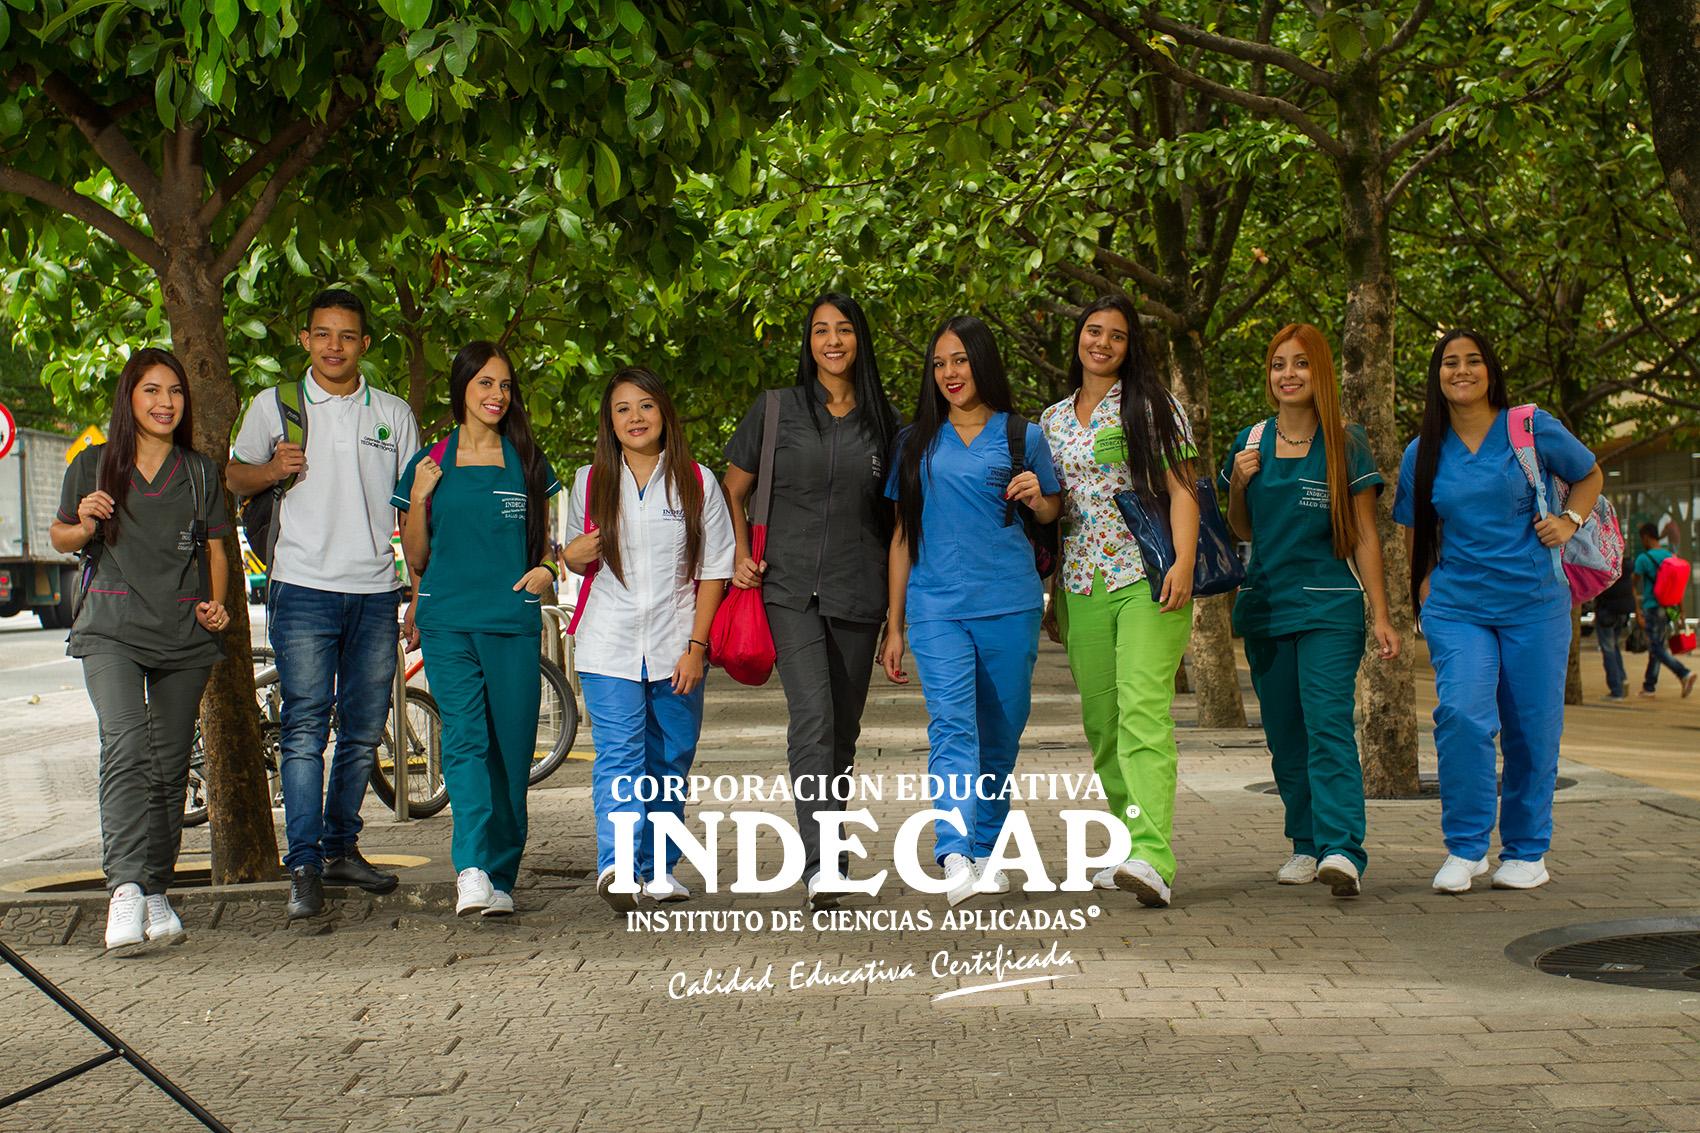 INDECAP4